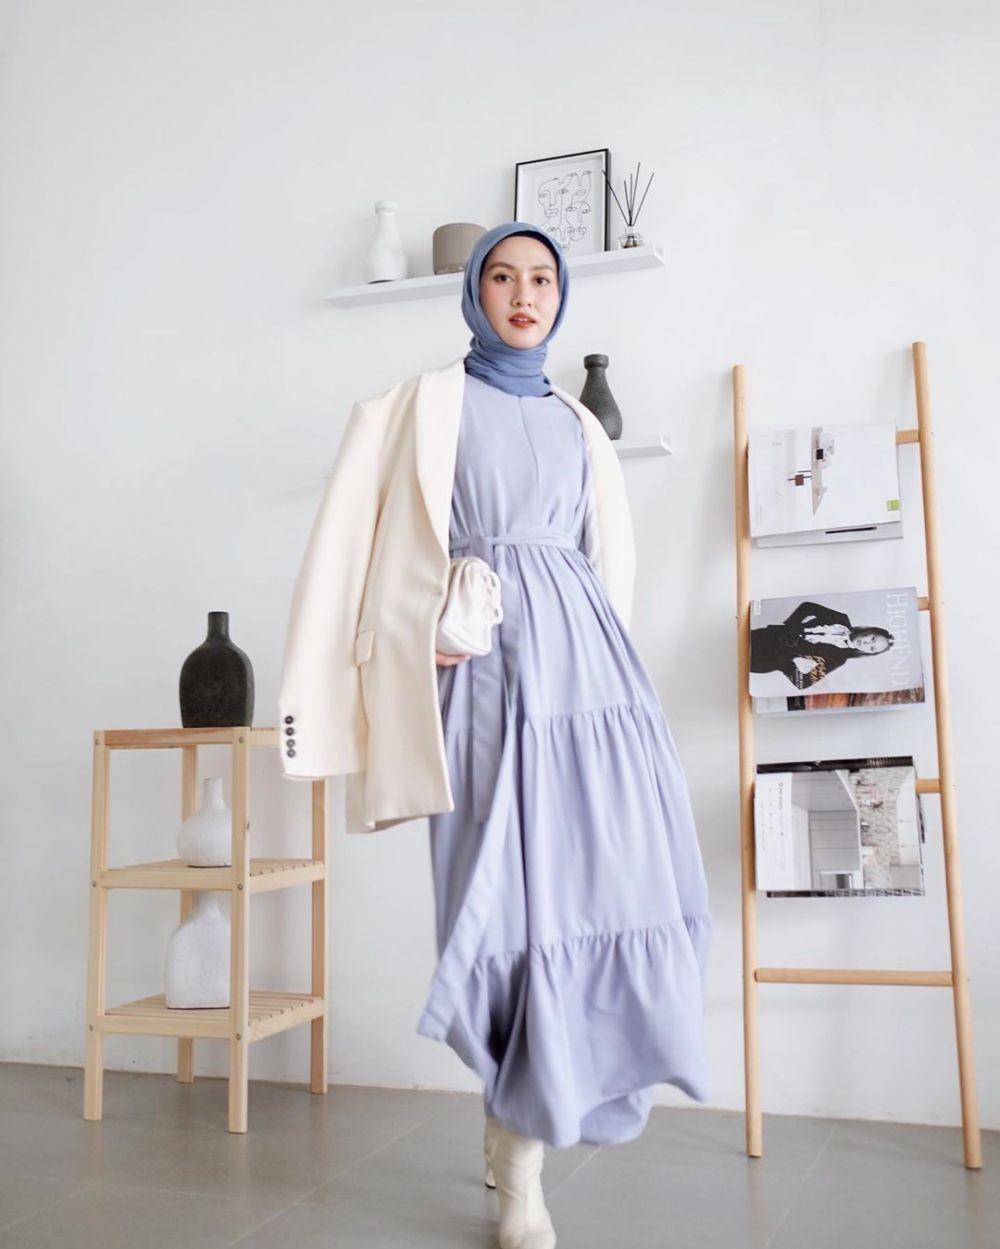 10 Ide Style Hijab Minimalis Selebgram Inas Rana, Banyak Warnanya!